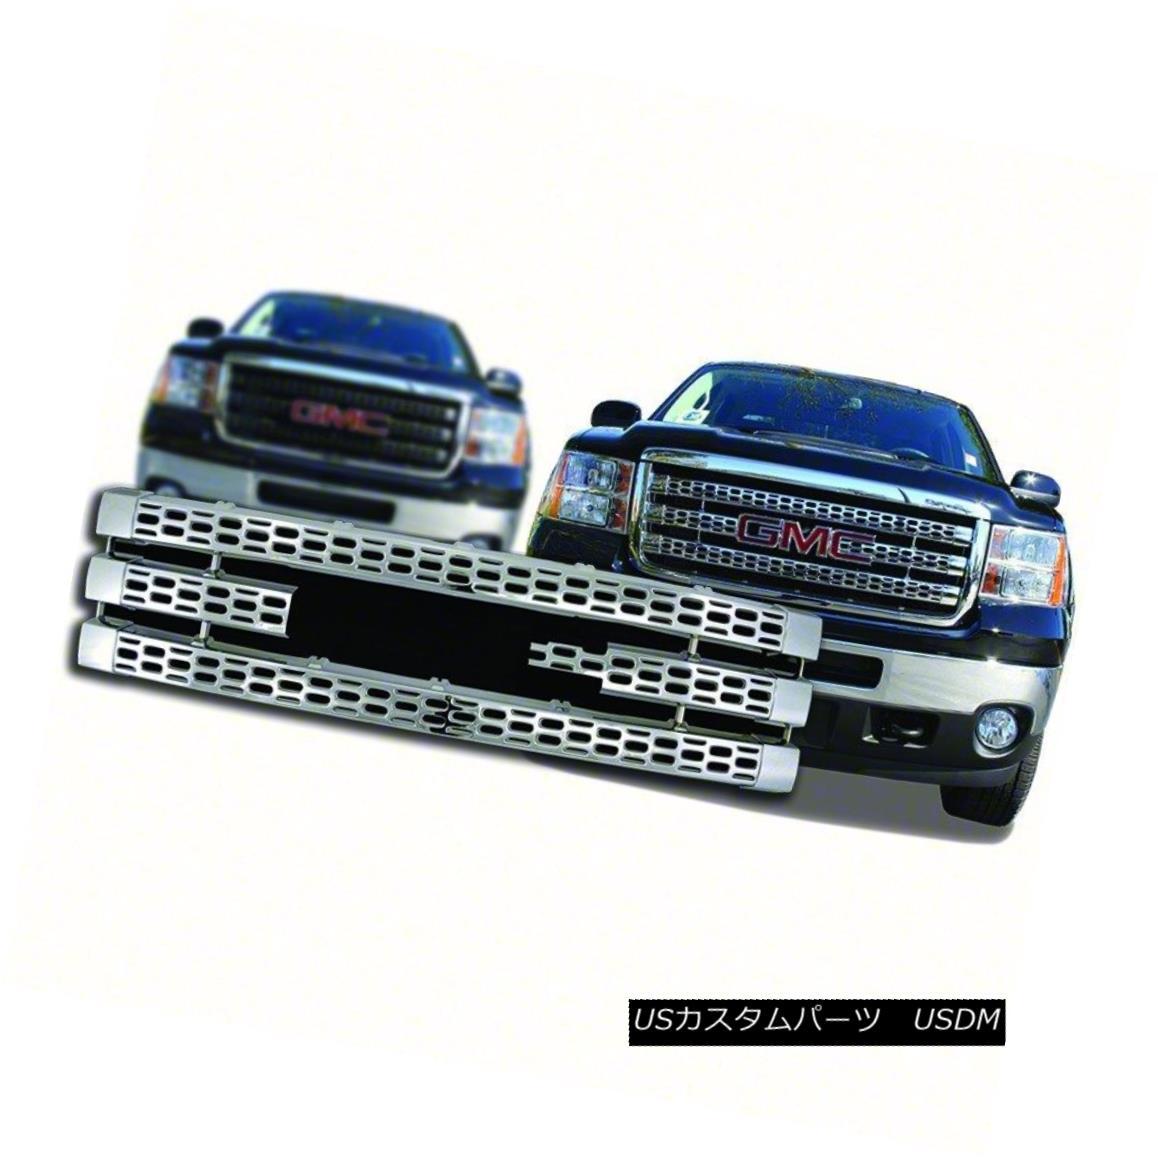 グリル Fits 2011-14 GMC Sierra 2500/3500-Chrome Grille Overlay-IWCGI90 フィット2011年 - 14年GMC Sierra 2500/3500-Chro meグリルオーバーレイ-IWCGI9 0